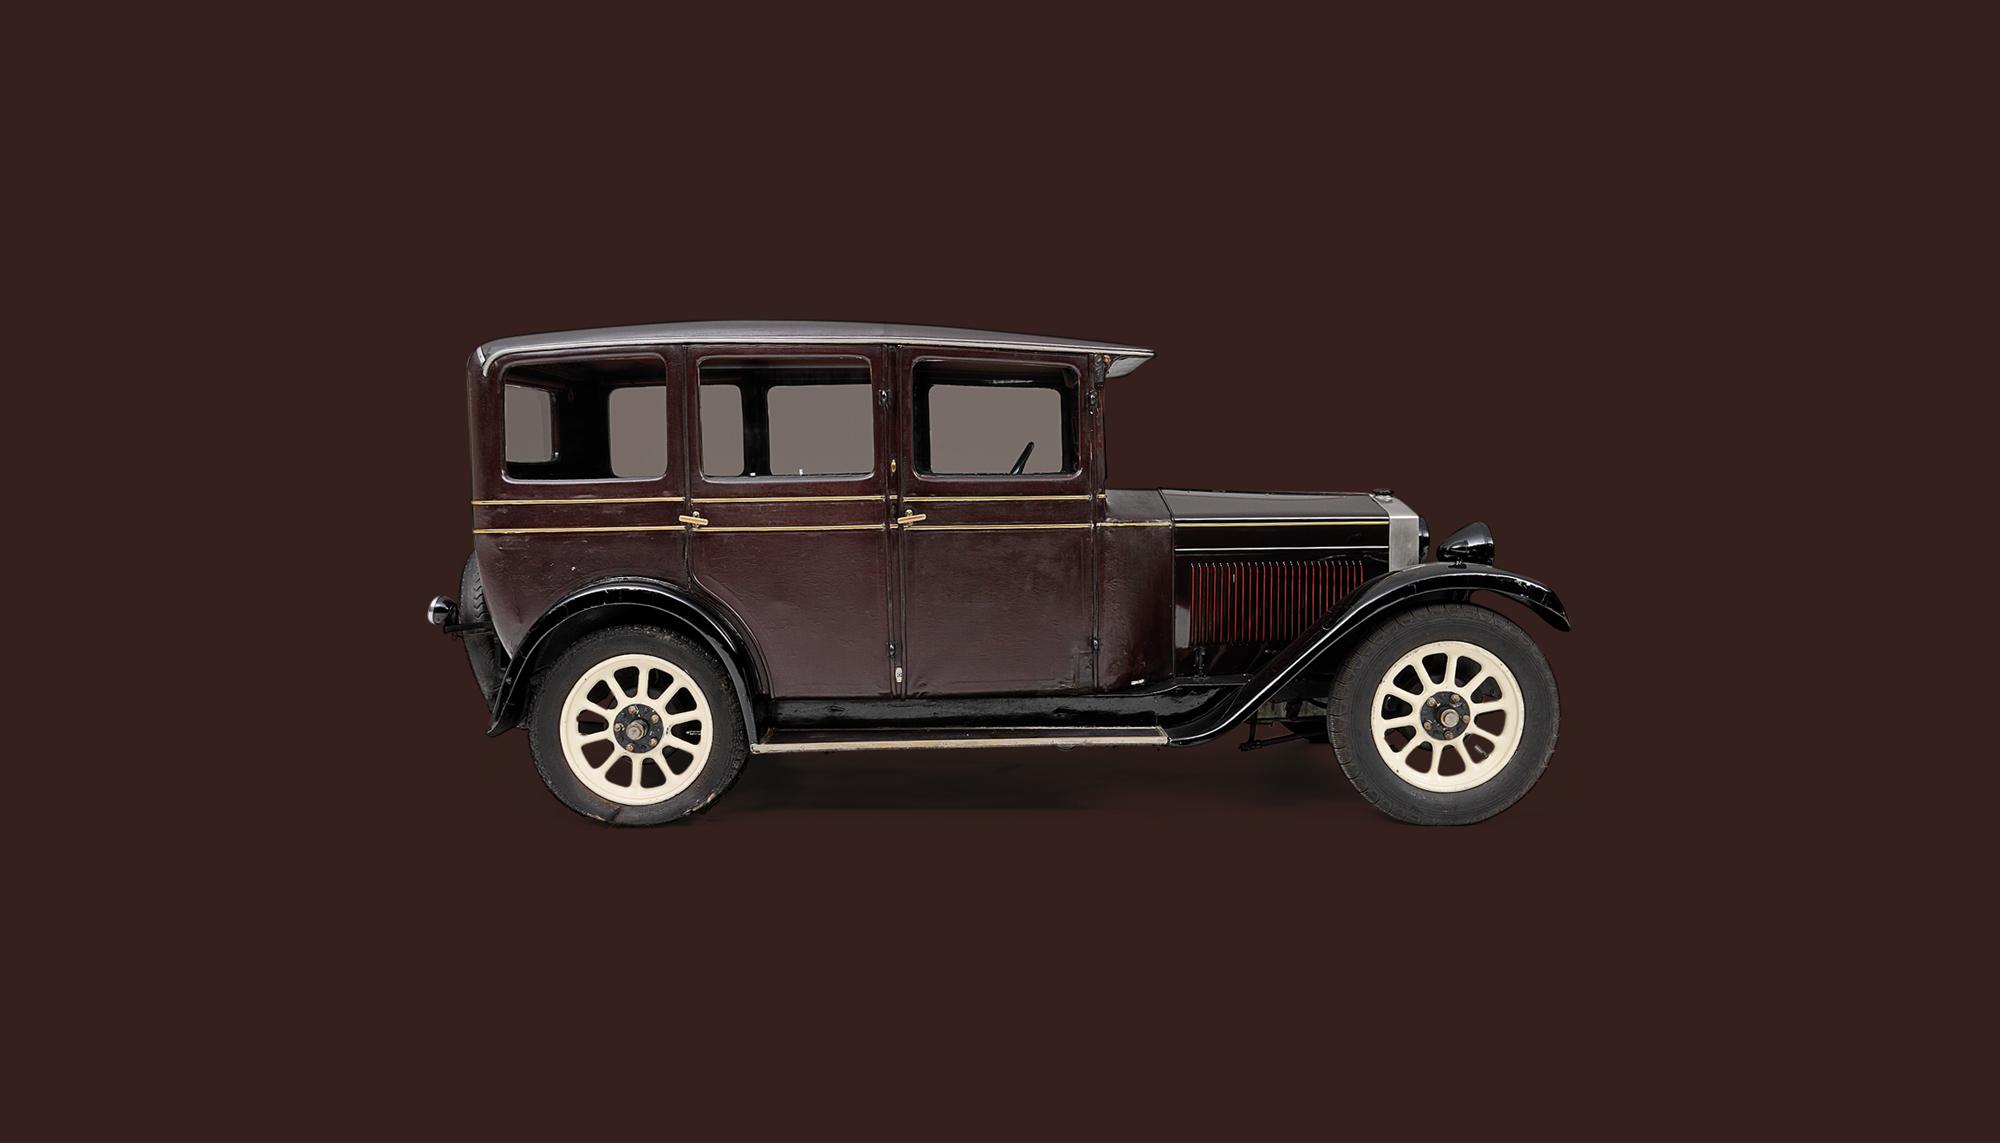 Bekijk Fiat 509A Saloon in het Louwman Museum